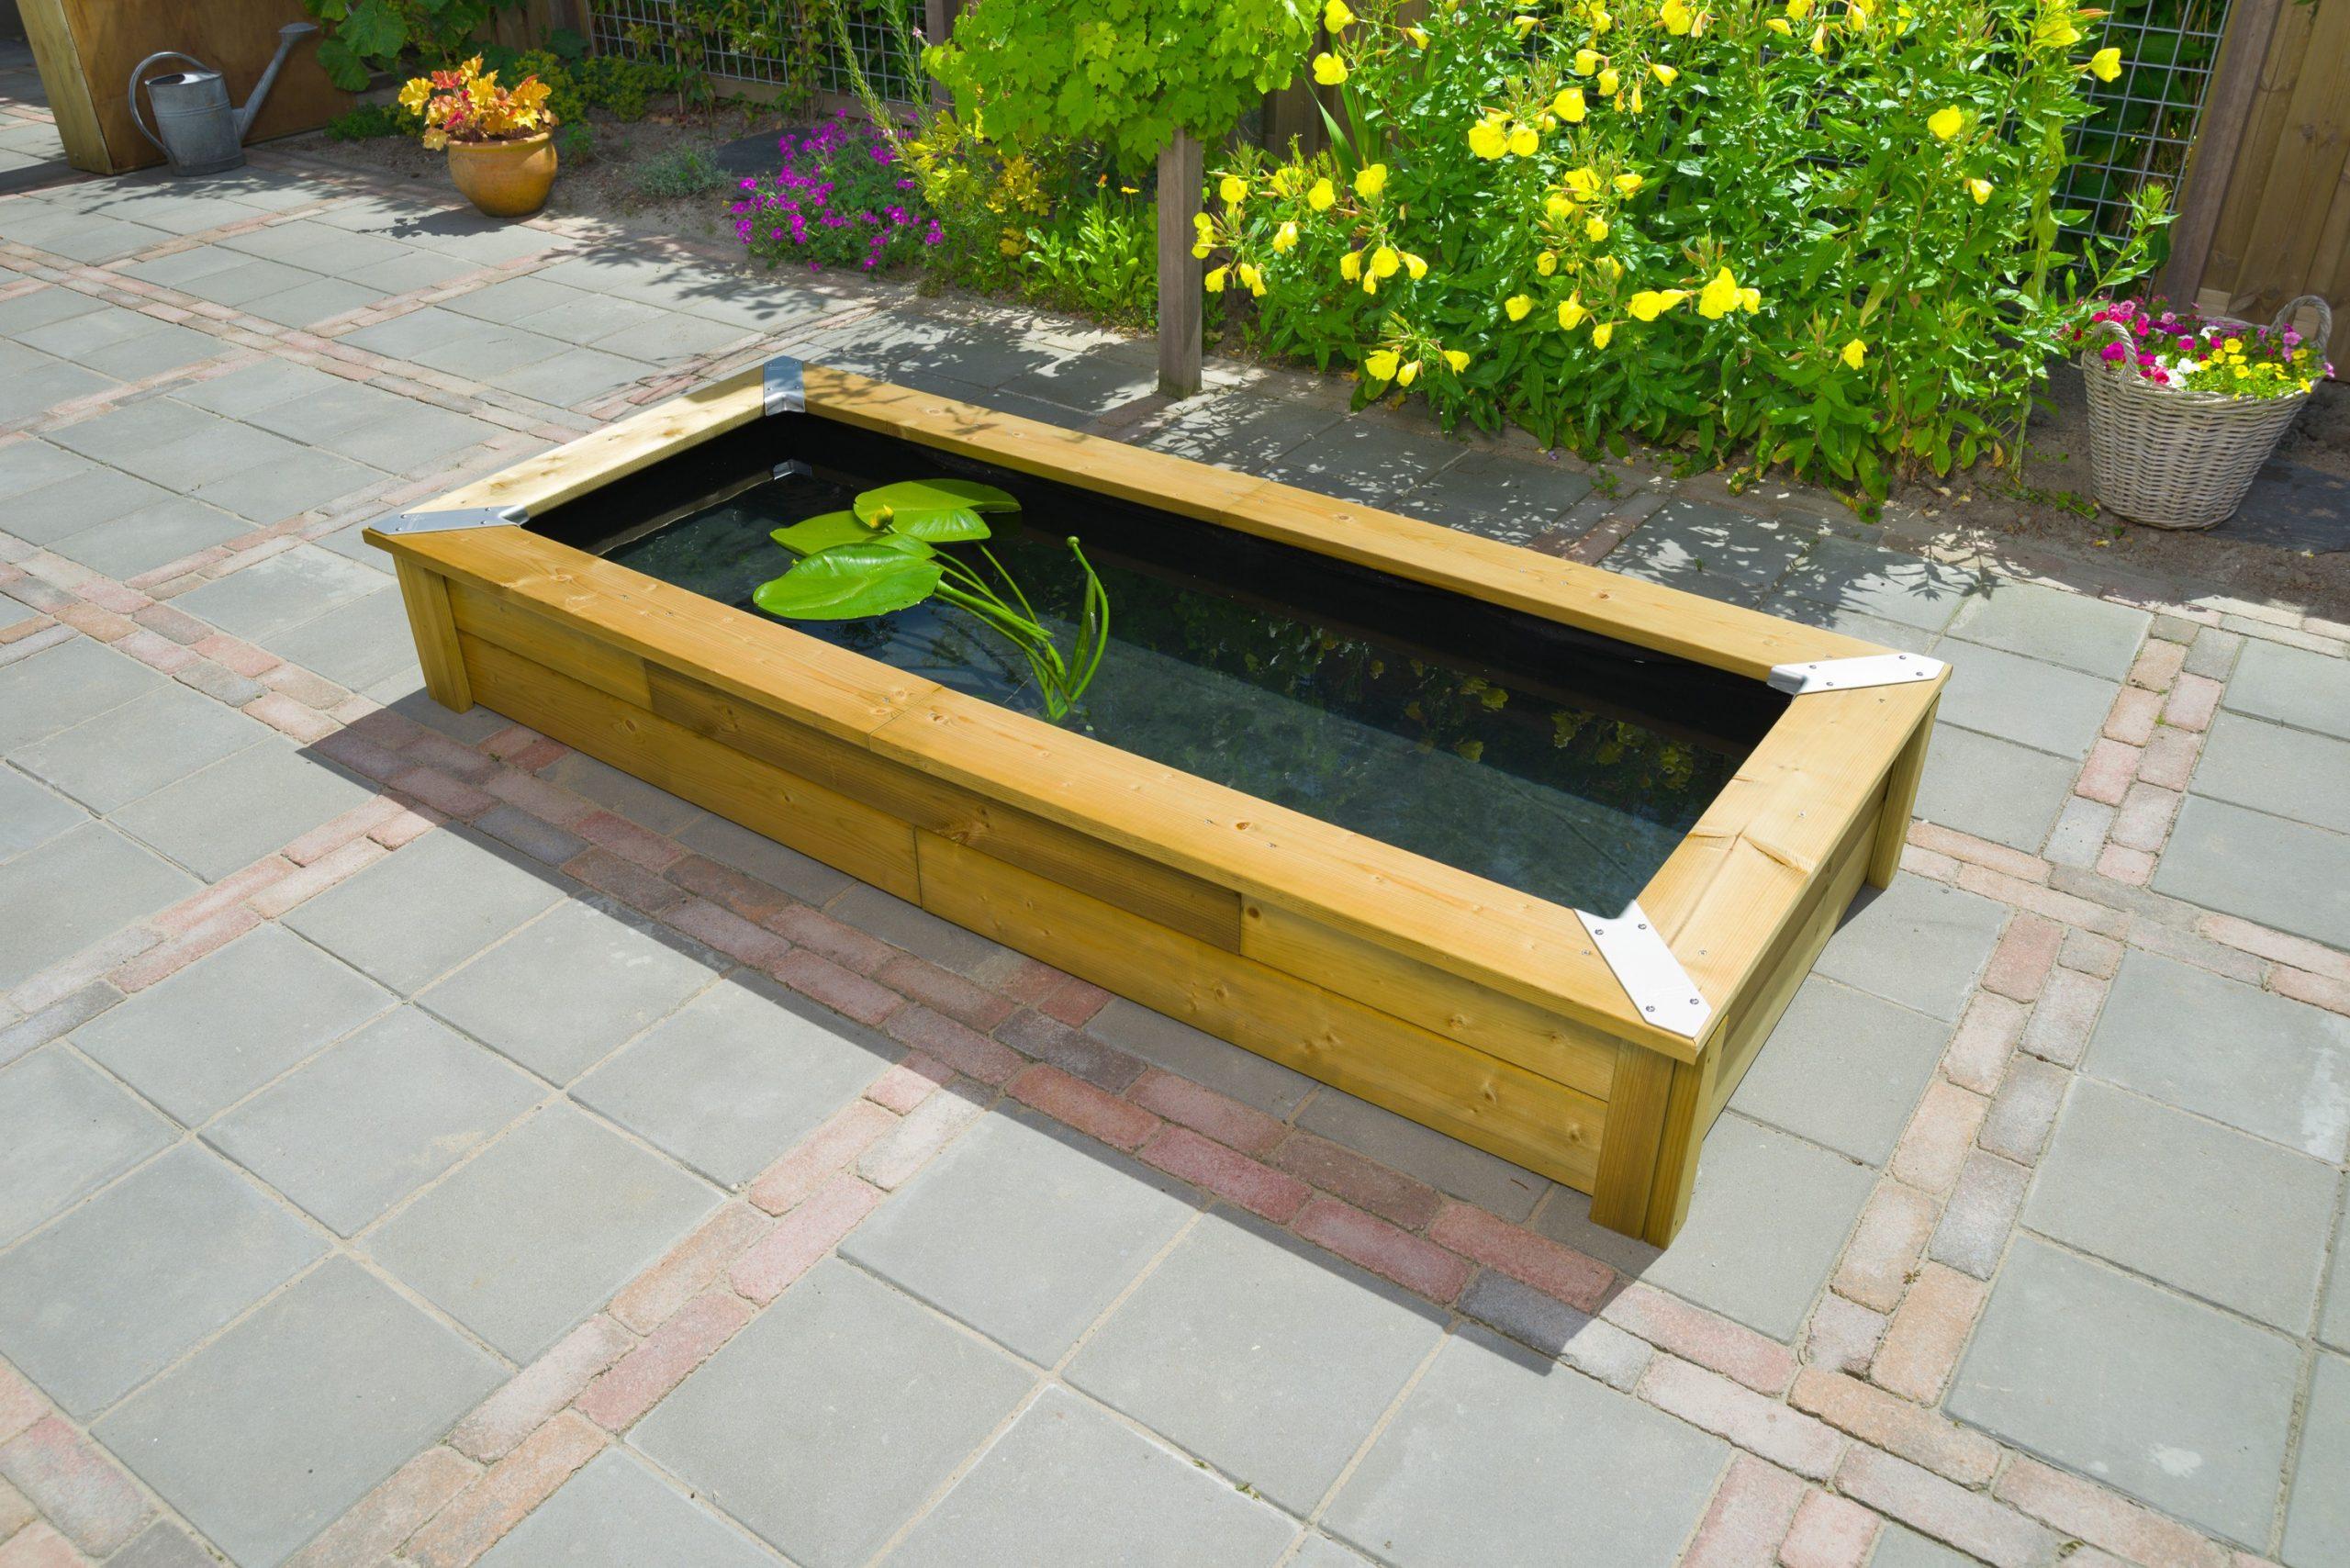 Kit Bassin De Jardin En Bois Avec Bâche Set Quadro Wood 5 Ubbink pour Kit Bassin De Jardin